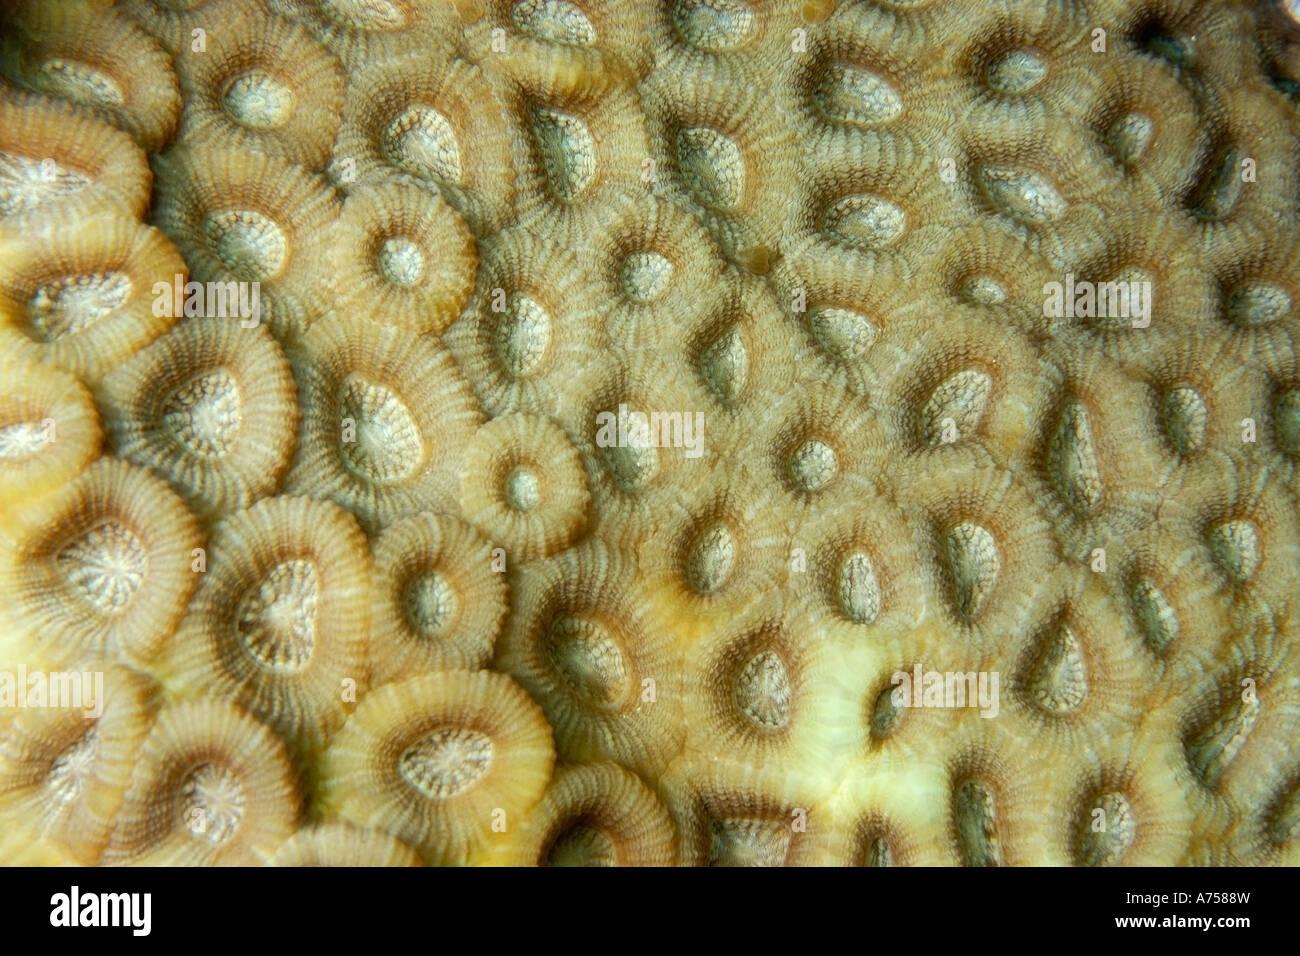 Harten Korallen Favia sp Jaboan Rongelap Atoll Marshallinseln Mikronesien Stockbild